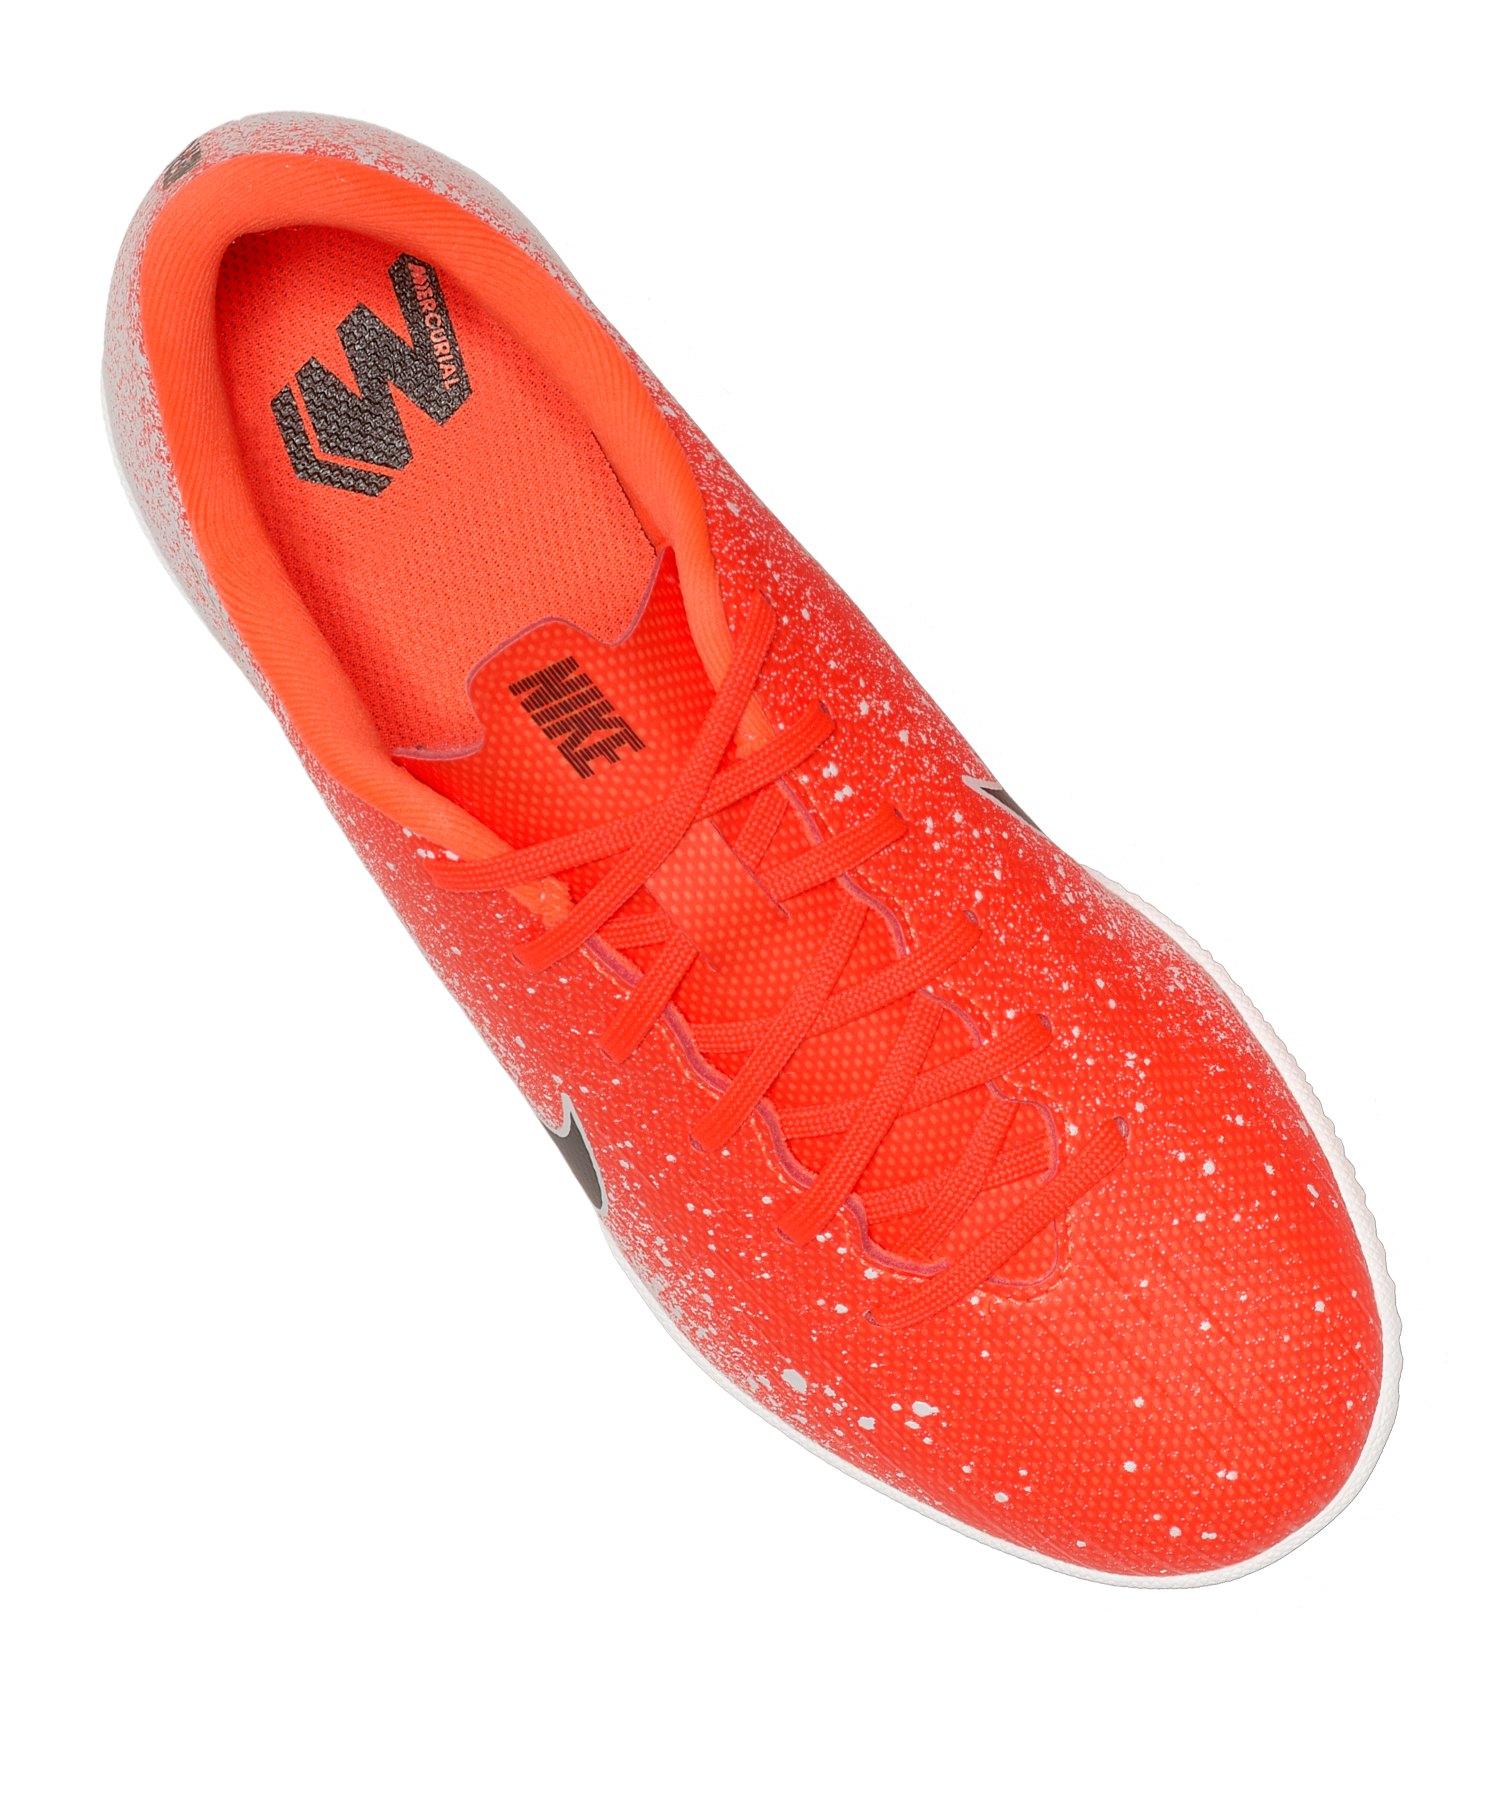 new product 14a3e c35e0 ... Nike Mercurial VaporX XII Academy IC GS Kids F801 - Orange ...